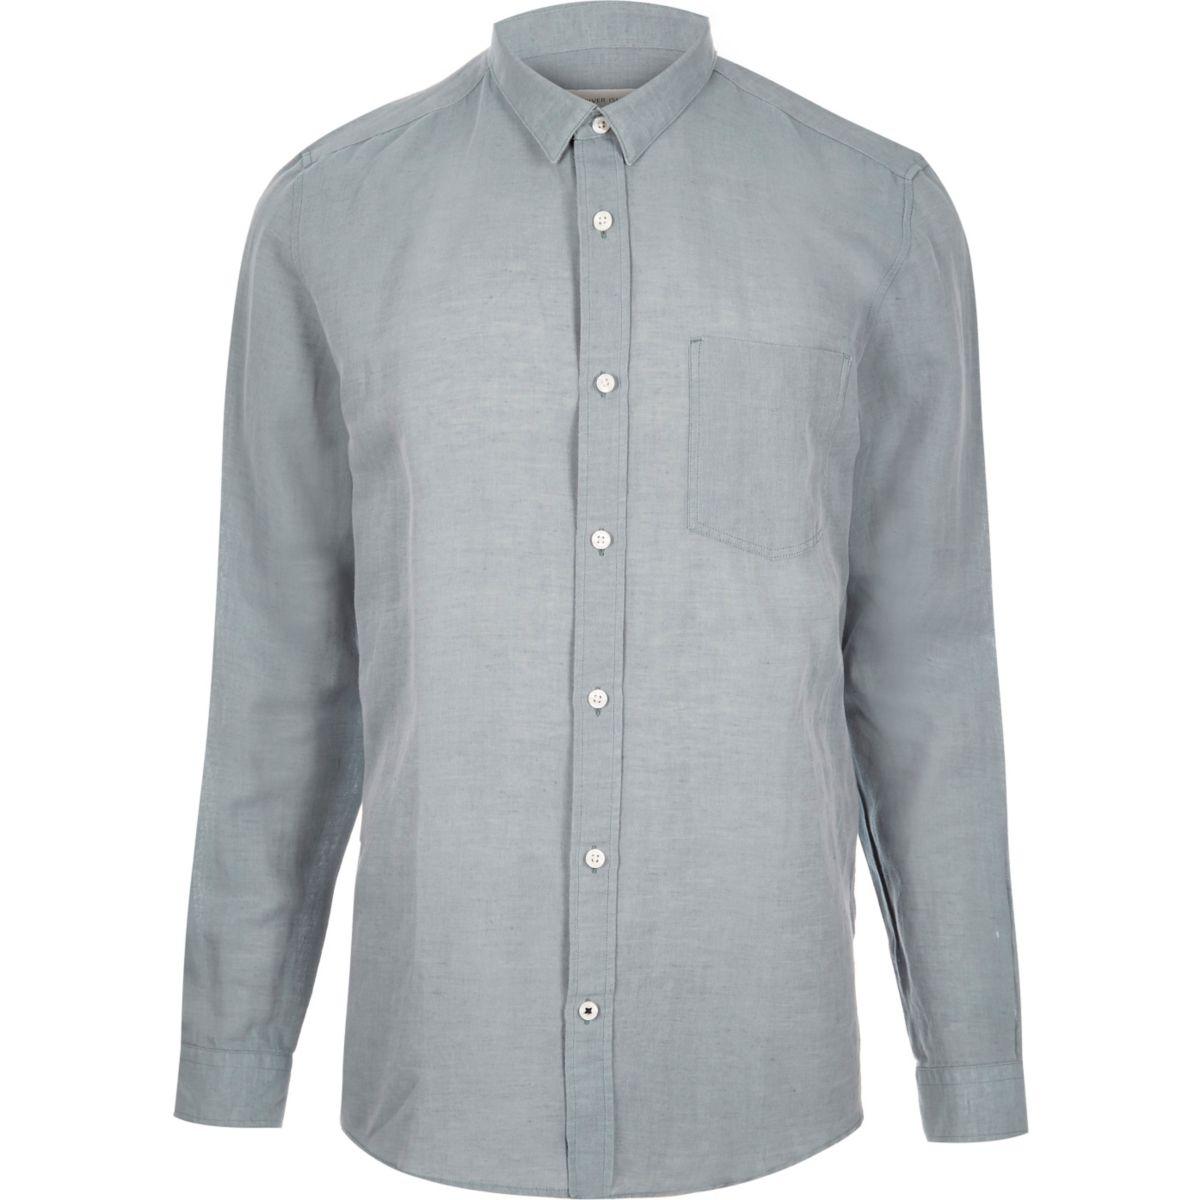 Grey relaxed fit linen-rich shirt